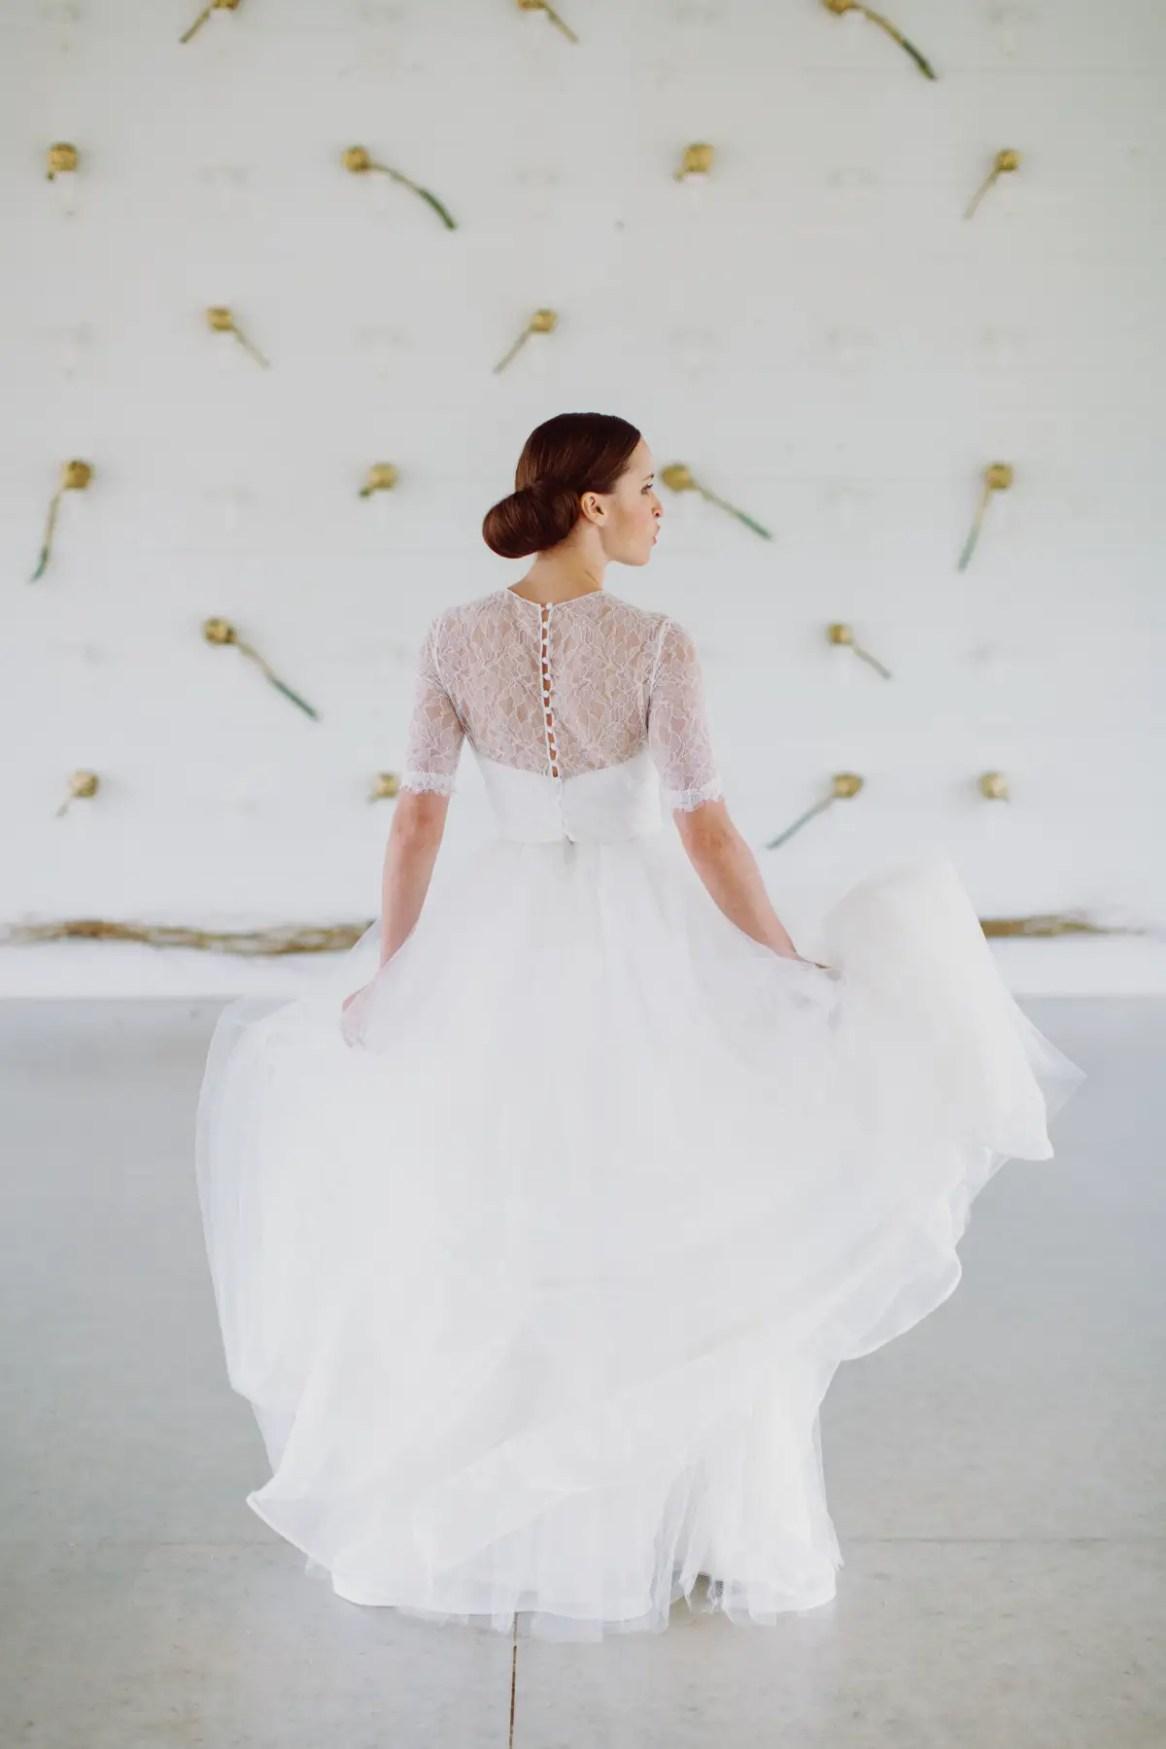 pas-de-deux-bridal-gowns-shoot-austin-012